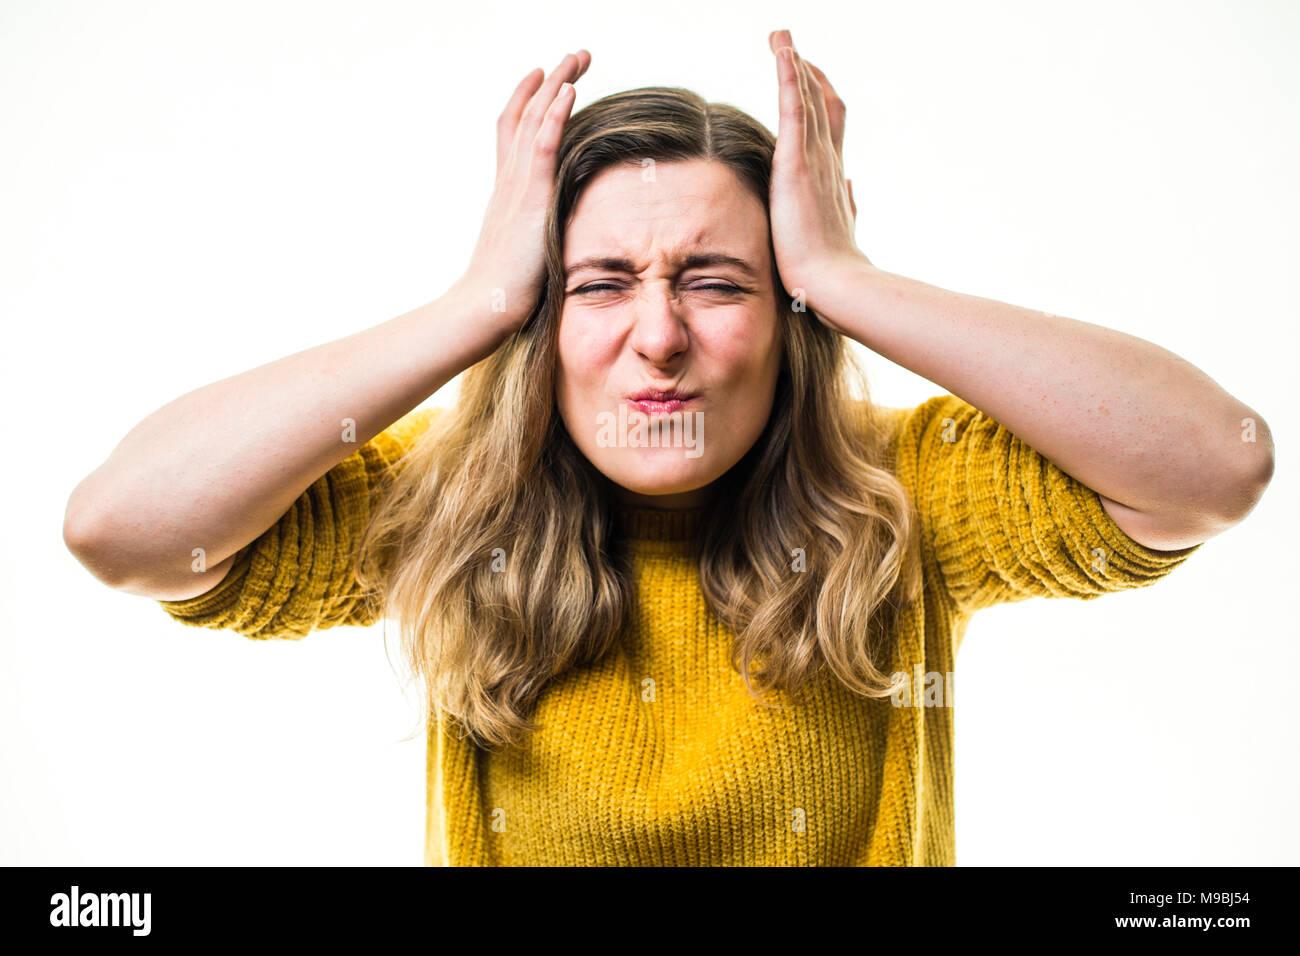 Eine junge Kaukasier frau mädchen drücken Sie die Handflächen gegen den Kopf, leiden Kopfschmerzen Kopfschmerz Migräne, vor einem weißen Hintergrund, Großbritannien Stockbild